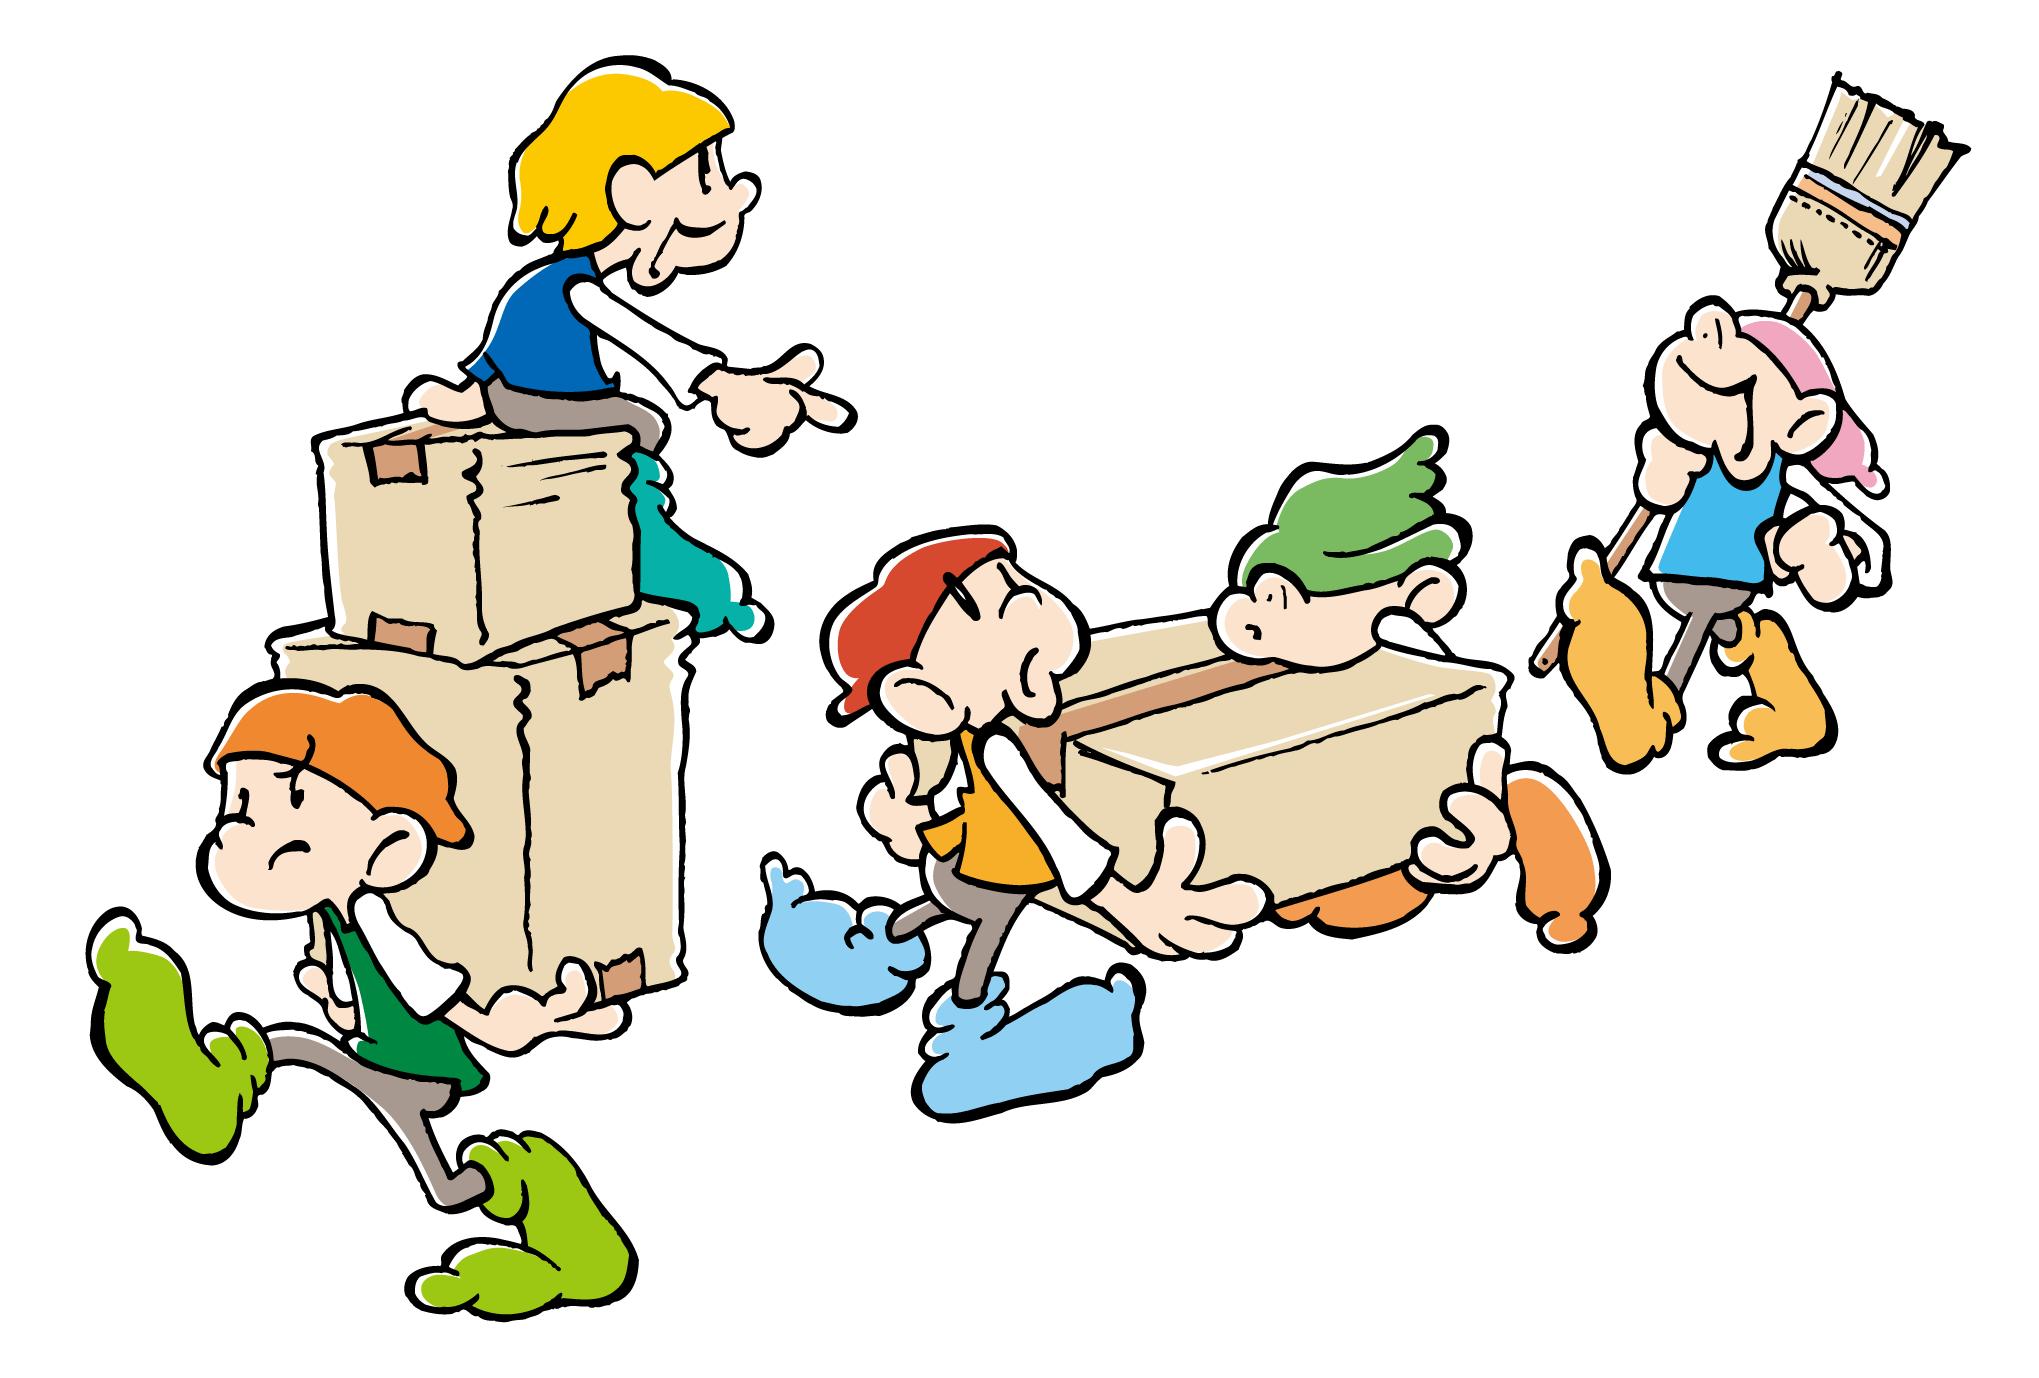 引越しハガキ07:引っ越し屋さんのダウンロード画像